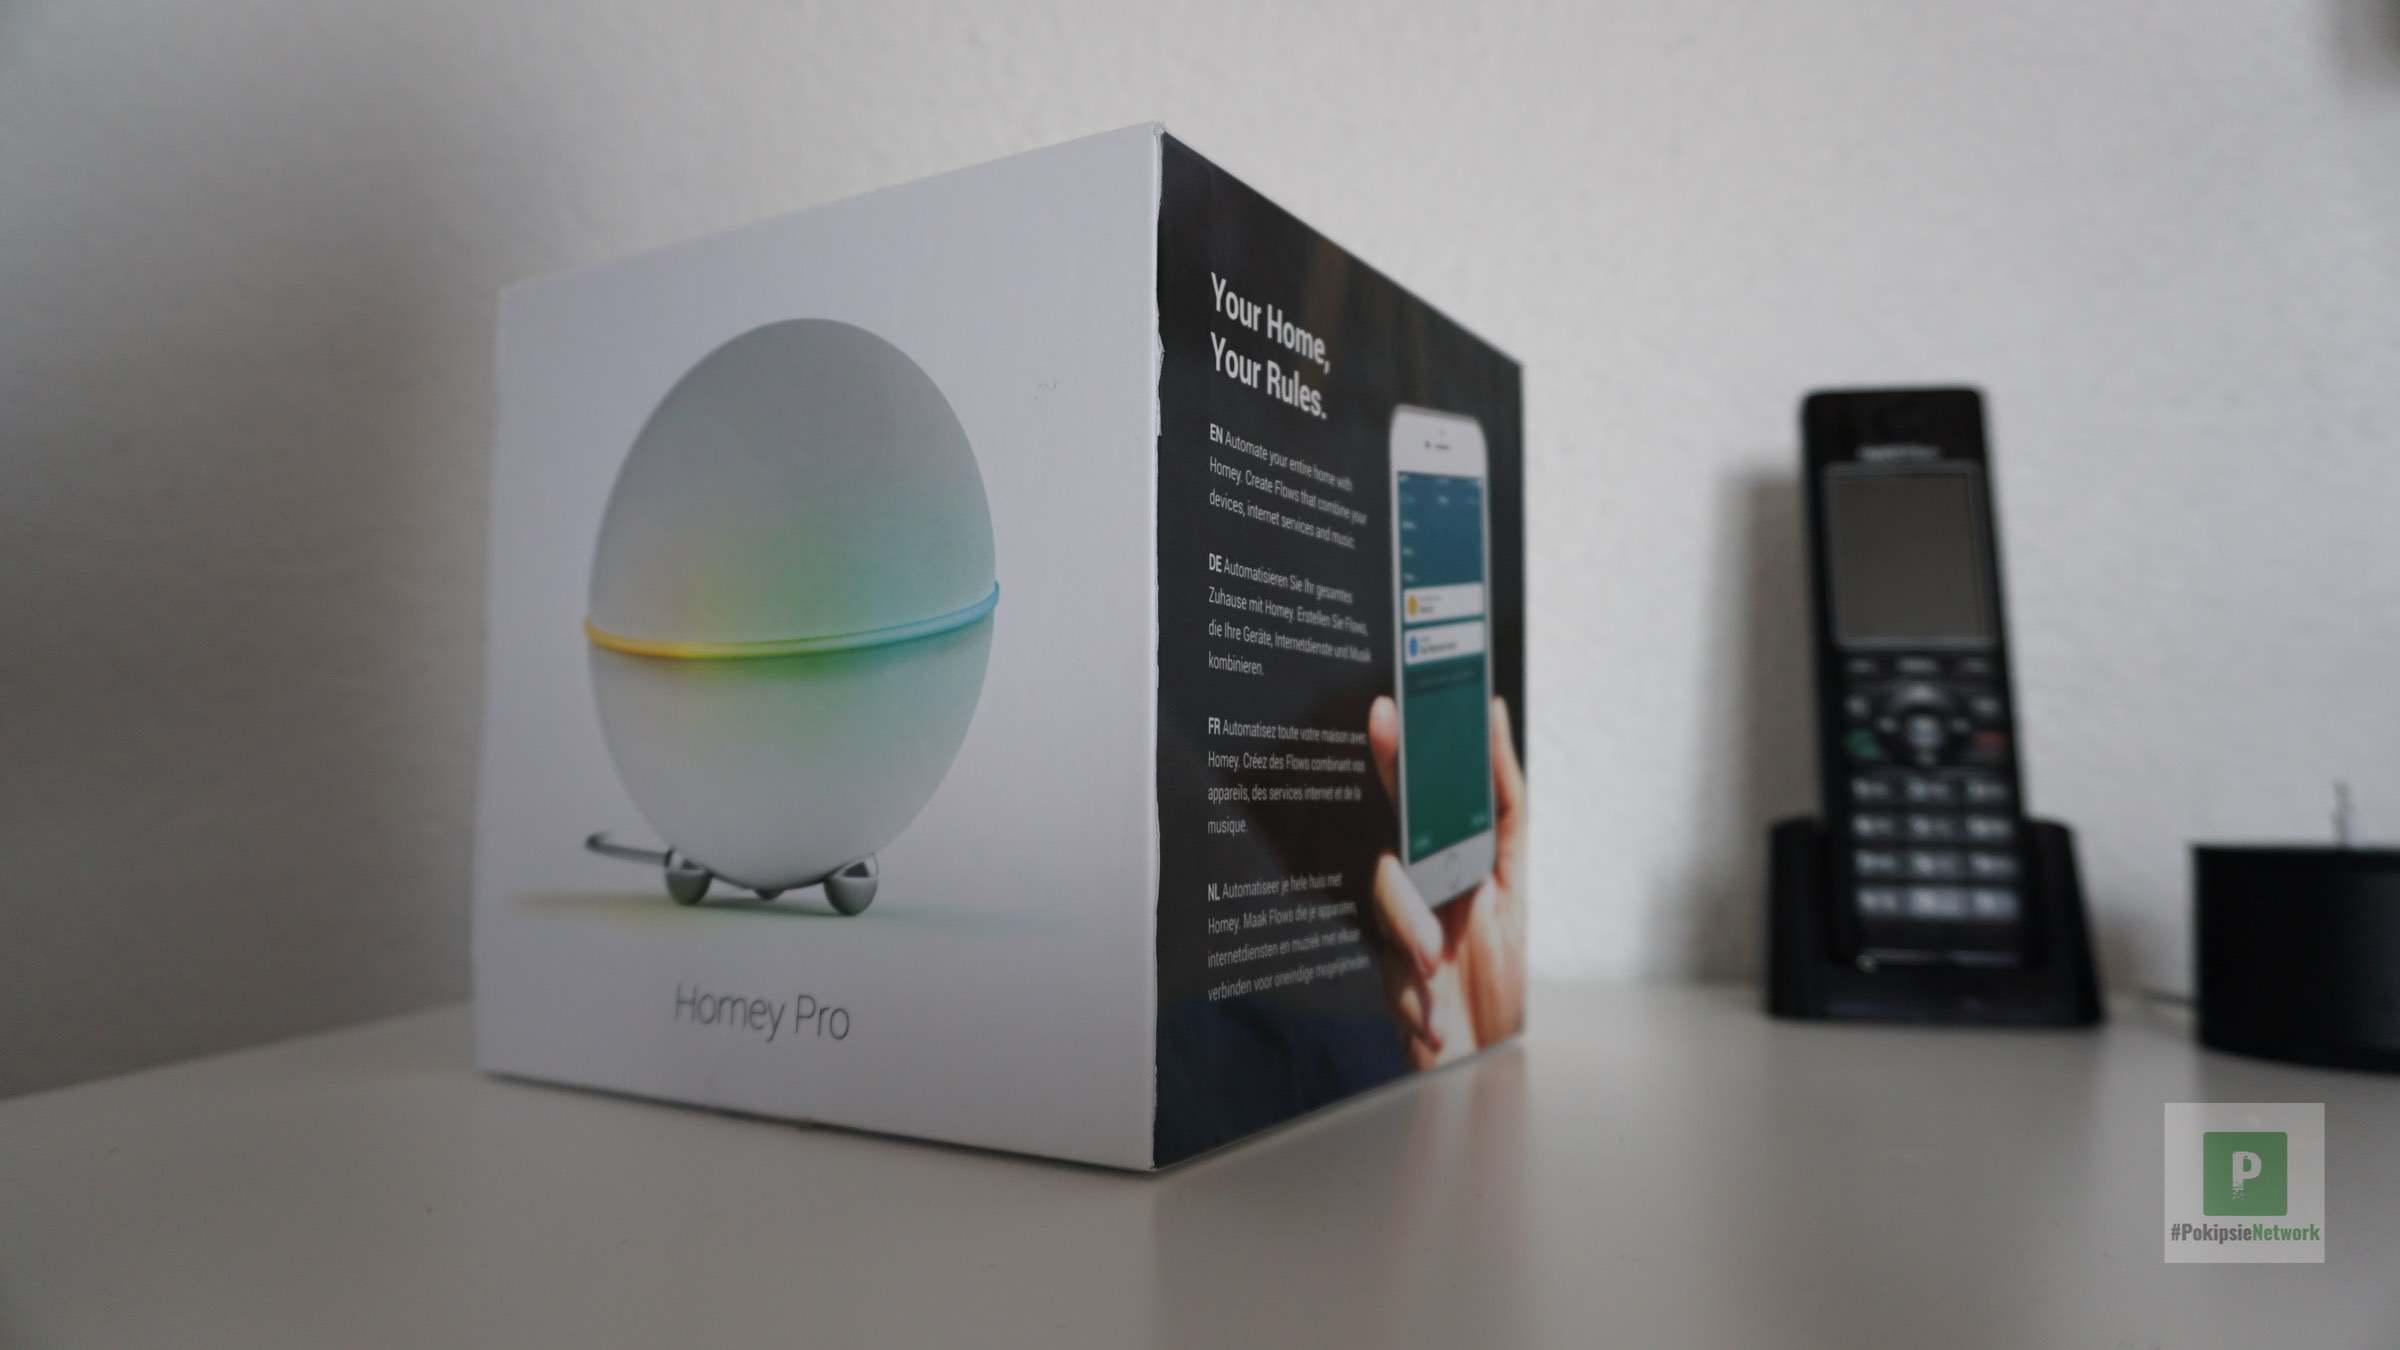 Die Verpackung vom neuen Smart Home Hub